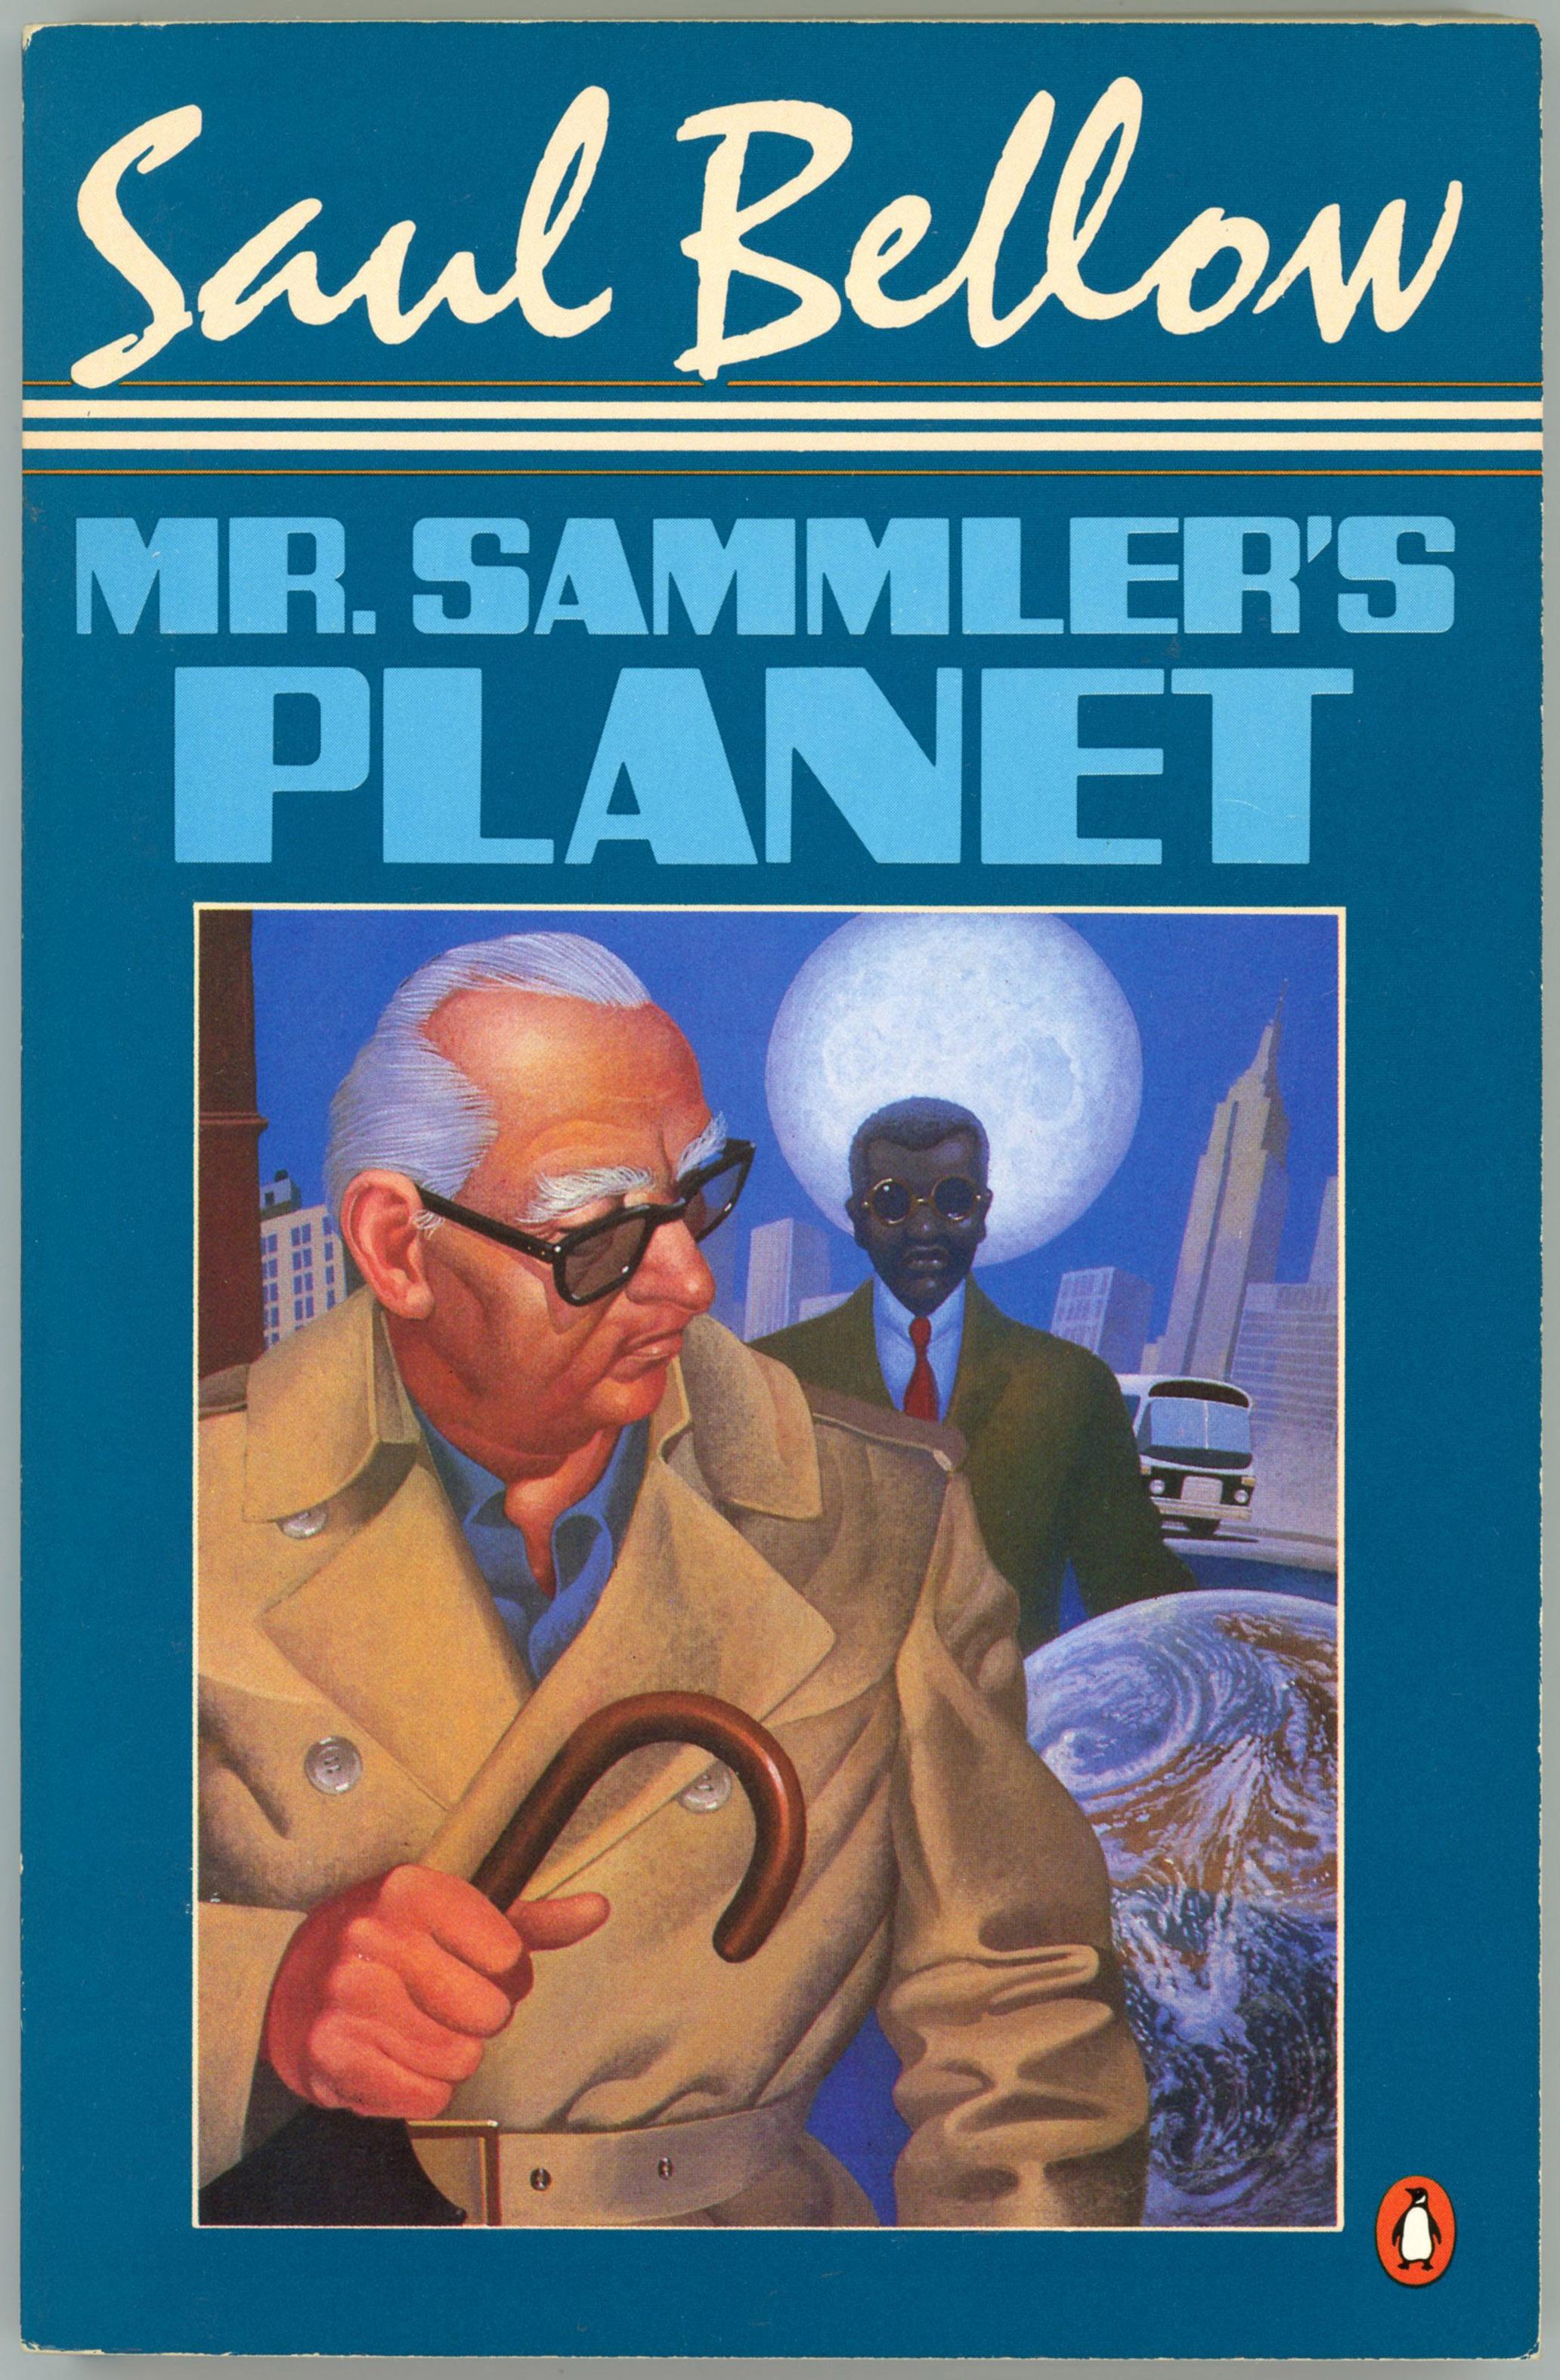 Mr. Sammler's Planet, by Saul Bellow – 1969 (1977) [Roy Ellsworth ...